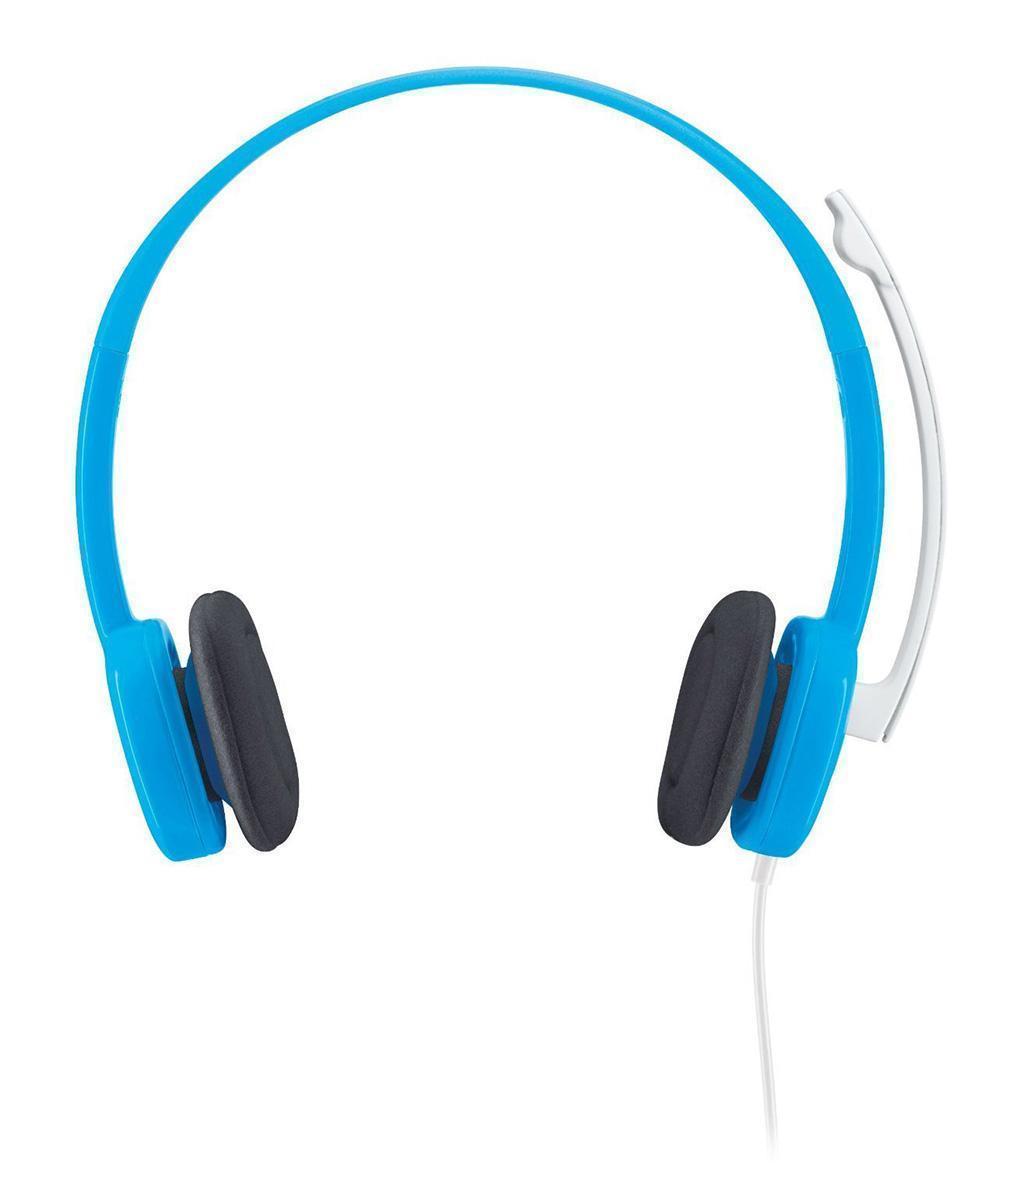 Logitech Stereo Headset H150, Blueberry (981-000368)981-000368Logitech Stereo Headset H150 Эта простая удобная аналоговая гарнитура обеспечивает четкость звука. Звучит заманчиво! Гарнитура обеспечивает насыщенное стереозвучание и идеально подходит для голосового общения и видеозвонков. Громкий и чистый звук Микрофон с функцией шумоподавления отфильтровывает фоновые шумы. Когда вы не используете микрофон, его можно повернуть в сторону. Простая настройка Просто вставьте гарнитуру в 3,5-миллиметровый разъем ввода/вывода своего компьютера, и она готова к работе. Проще не бывает!